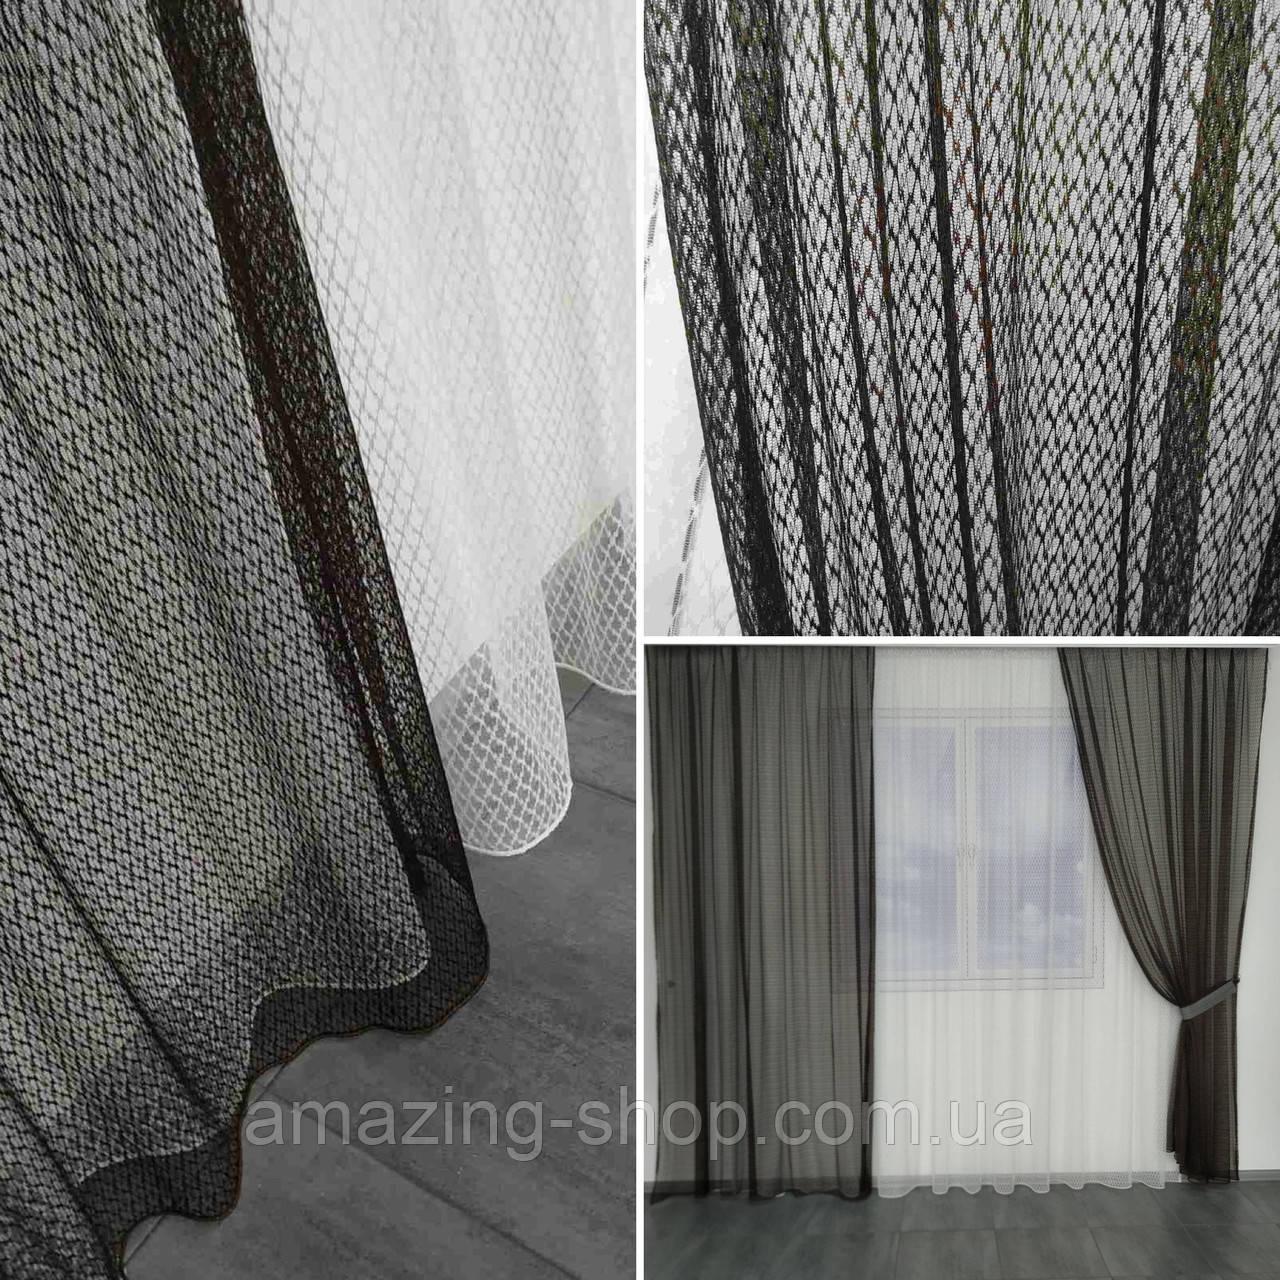 Комплект штори з тюллю Sarmasik. Тканина: турецька сітка на фатине. Колір - Місячна ніч